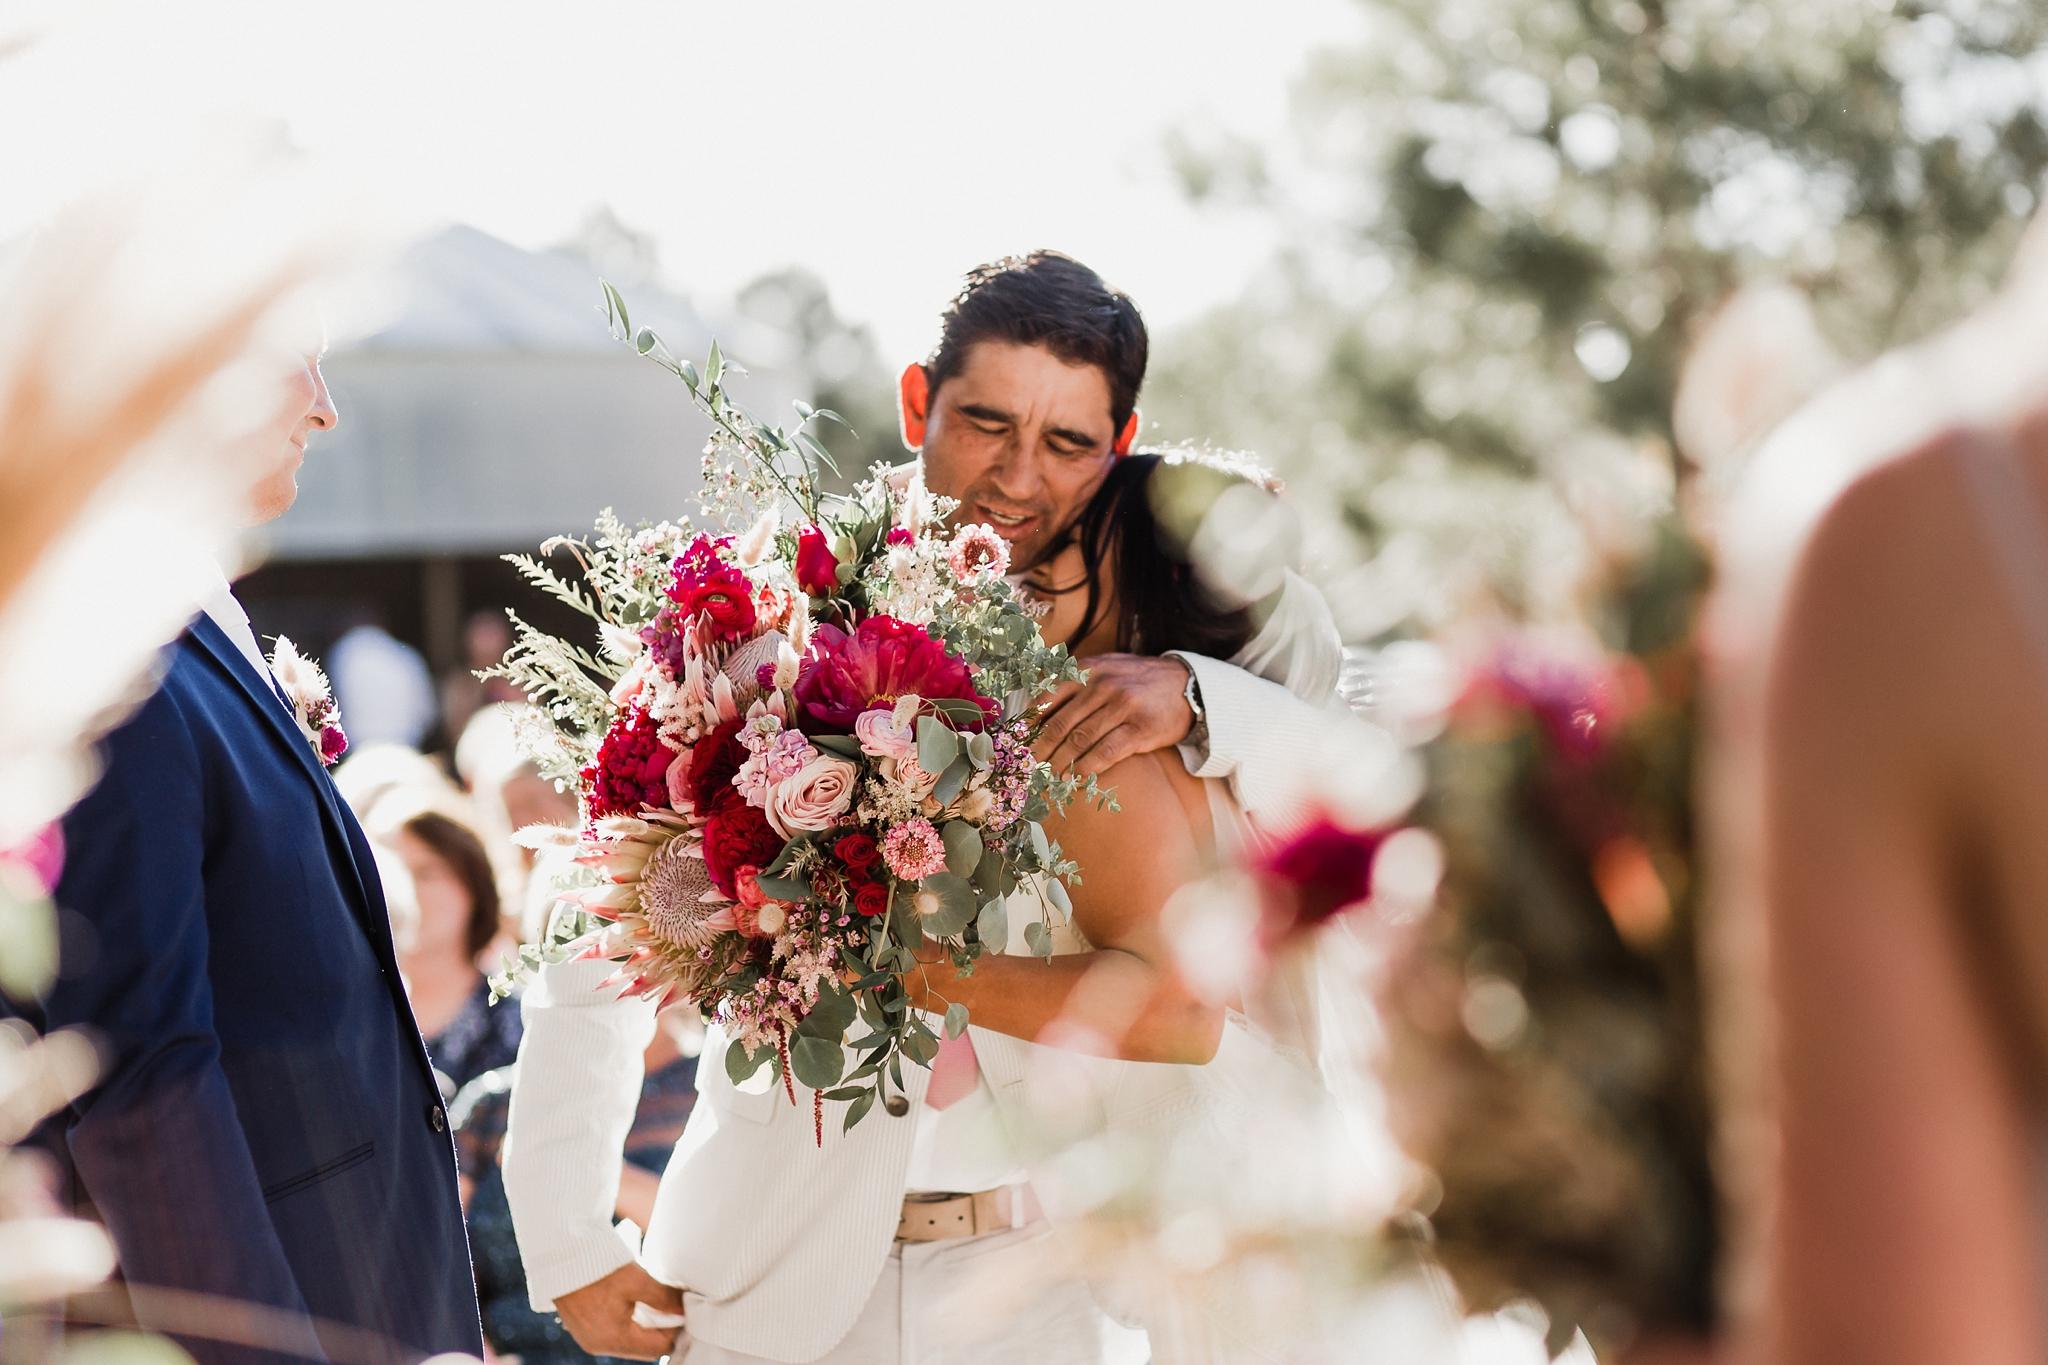 Alicia+lucia+photography+-+albuquerque+wedding+photographer+-+santa+fe+wedding+photography+-+new+mexico+wedding+photographer+-+new+mexico+wedding+-+new+mexico+wedding+-+barn+wedding+-+enchanted+vine+barn+wedding+-+ruidoso+wedding_0099.jpg